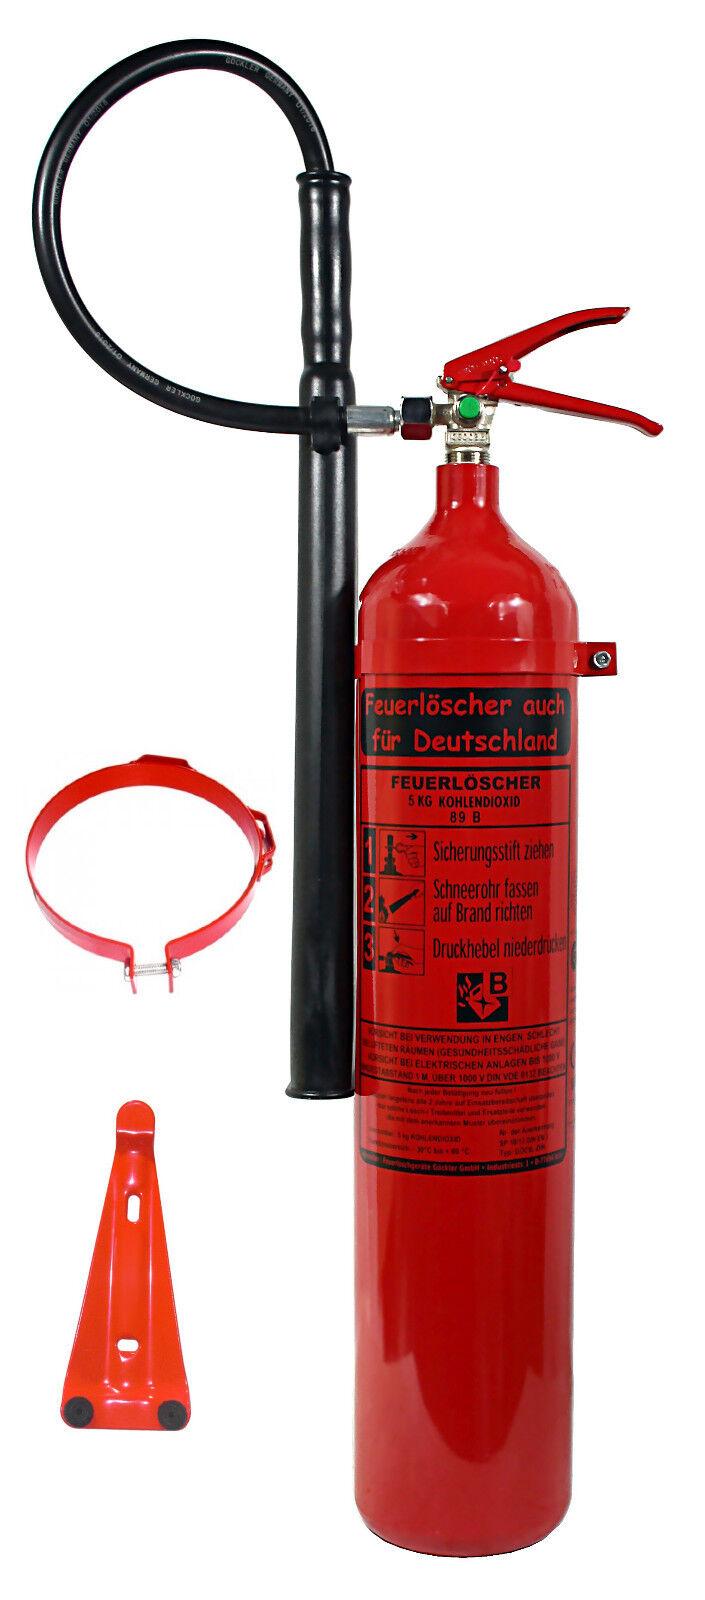 NEU OVP 5 kg CO2 Kohlendioxid Feuerlöscher DIN EN 3   GS + Wandhalter EDV BÜRO